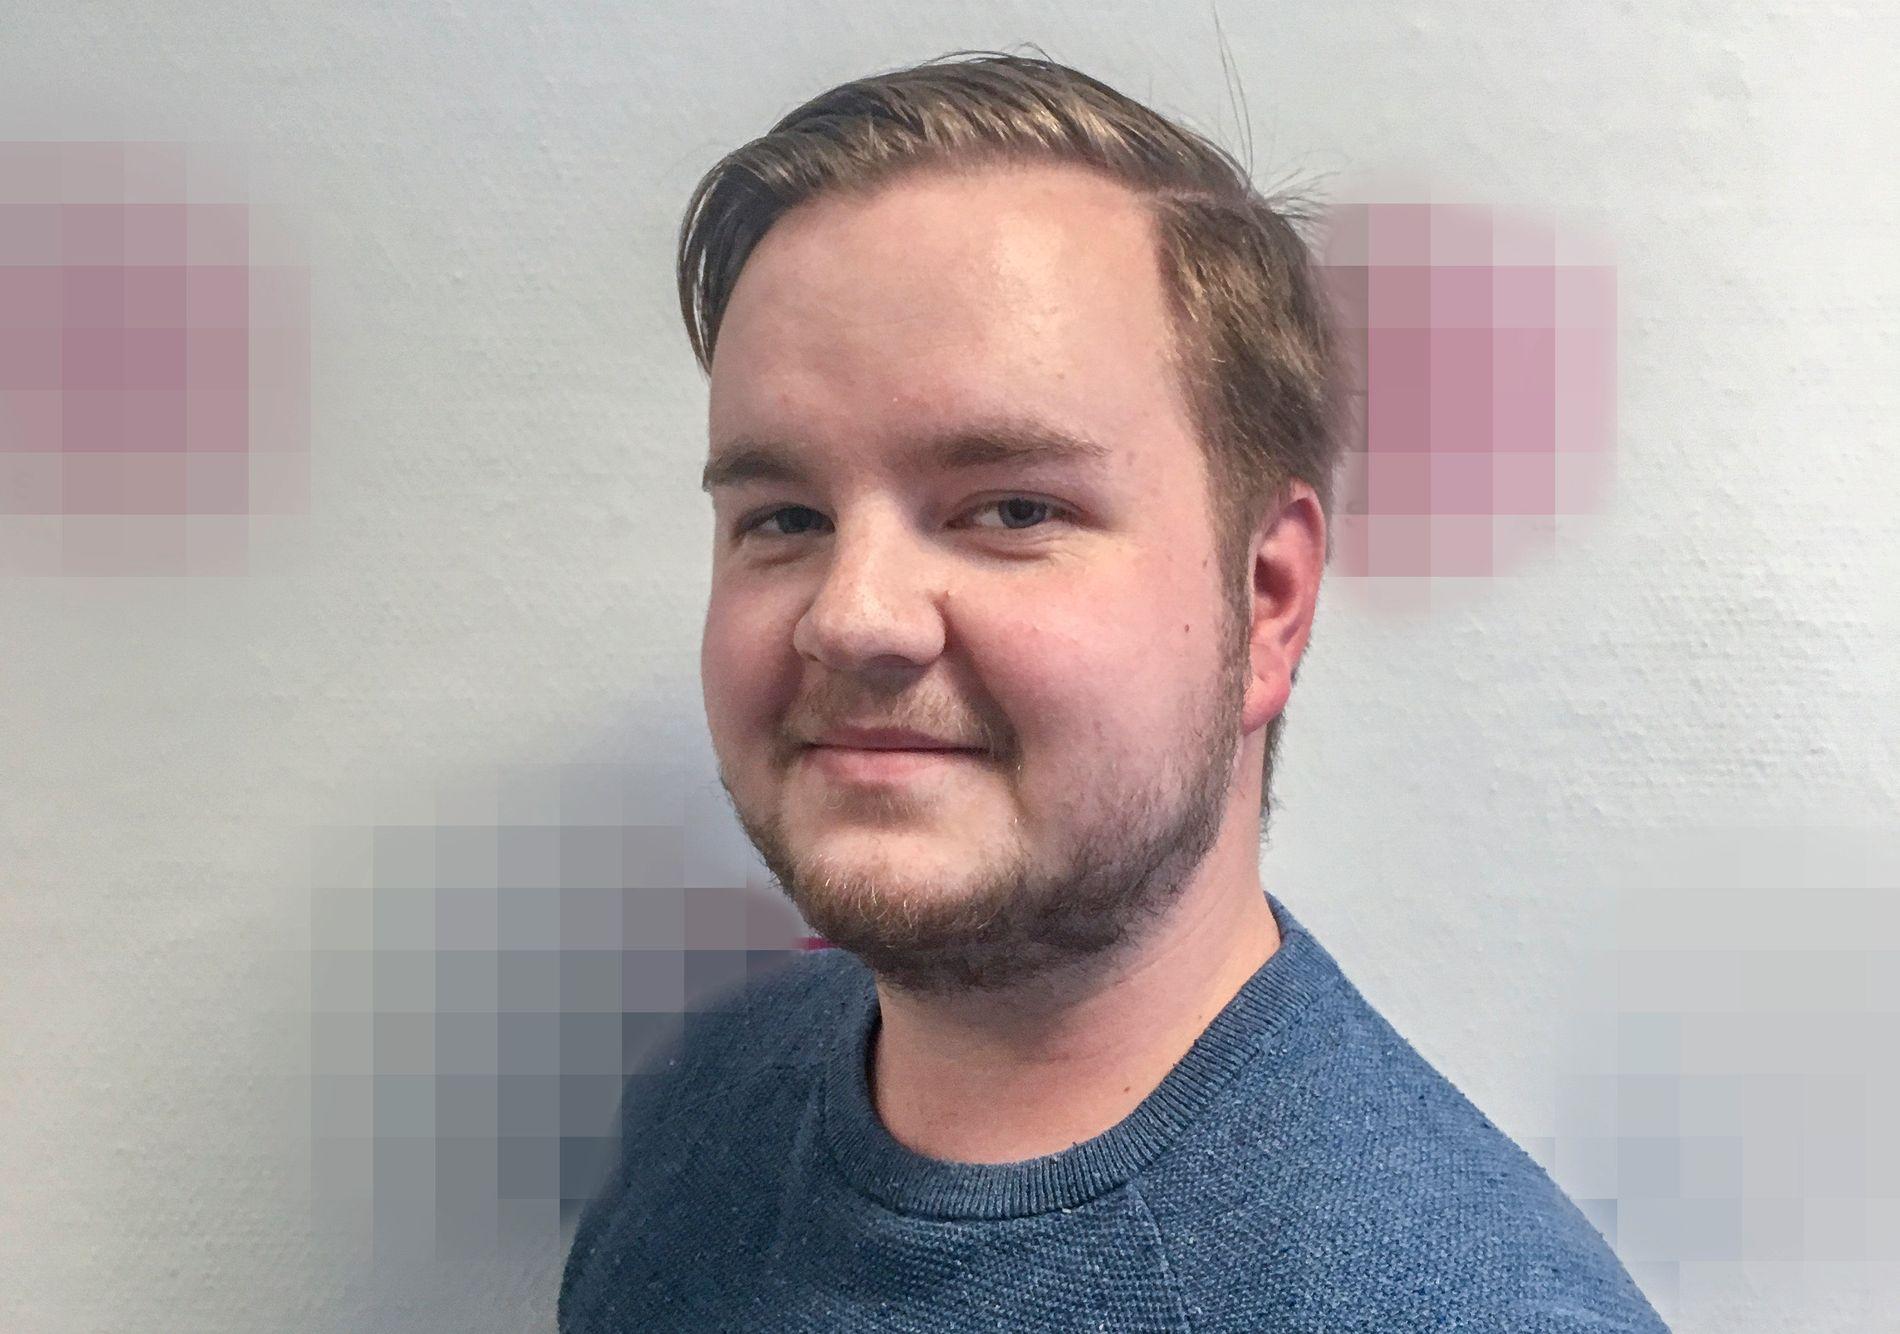 DREPT: Heikki Bjørklund Paltto (24) fra Mysen ble funnet død hjemme i leiligheten han delte sammen med kamerater på Majorstuen.